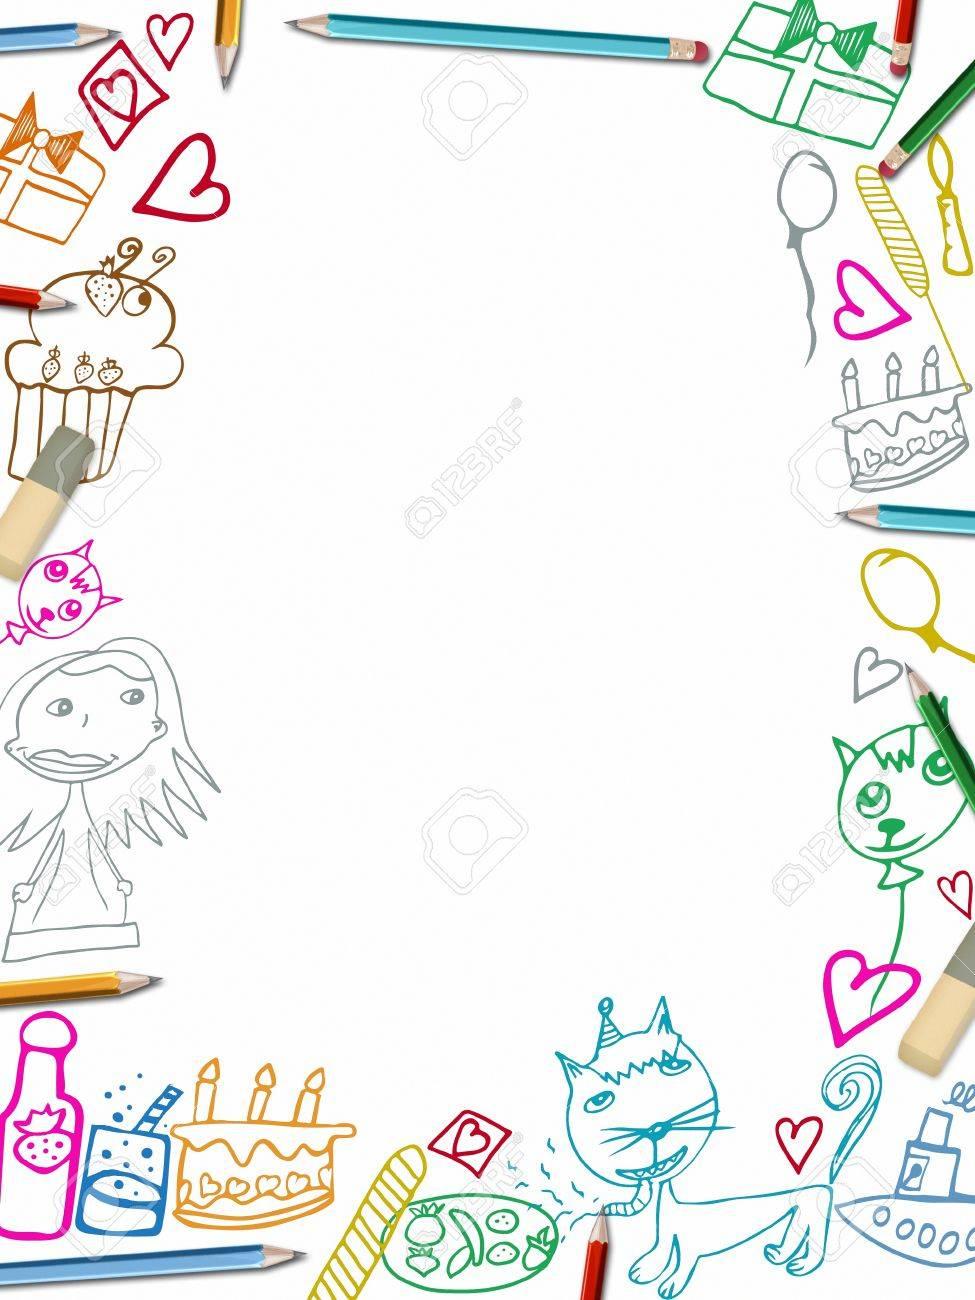 Alles Gute Zum Geburtstag Vertikalen Rahmen Kinder Zeichnungen